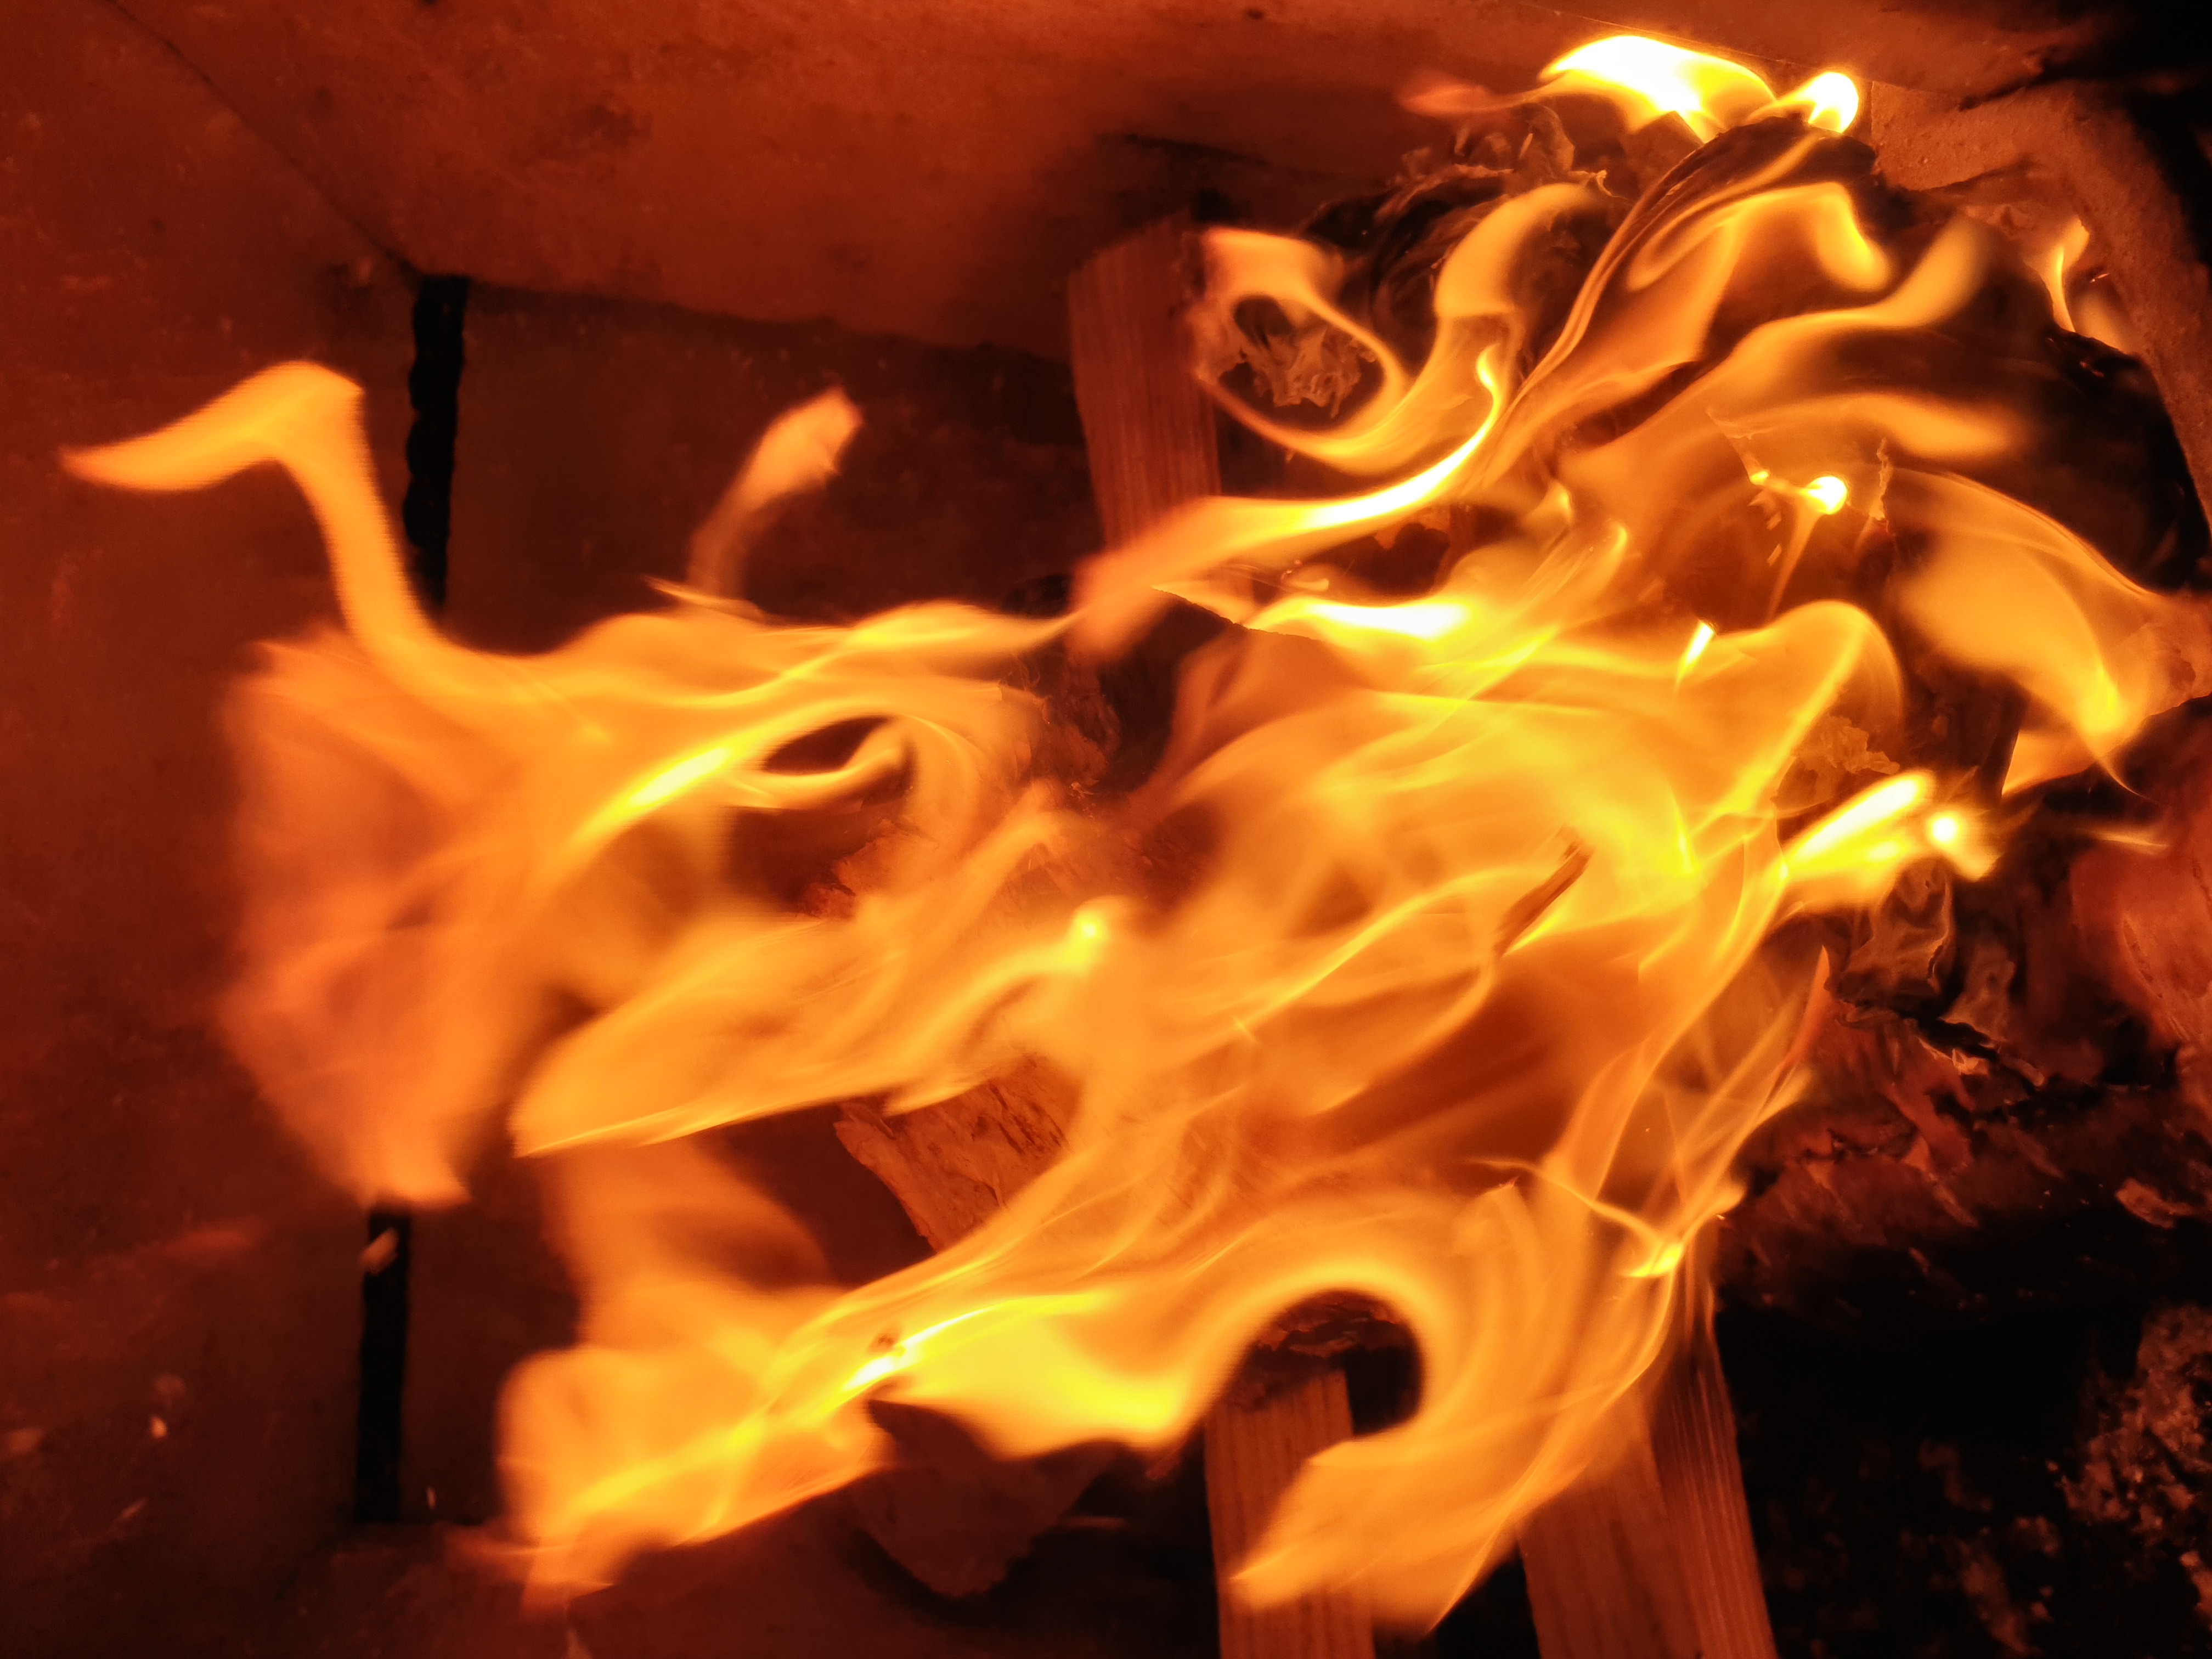 Flamme i ovnen.jpg